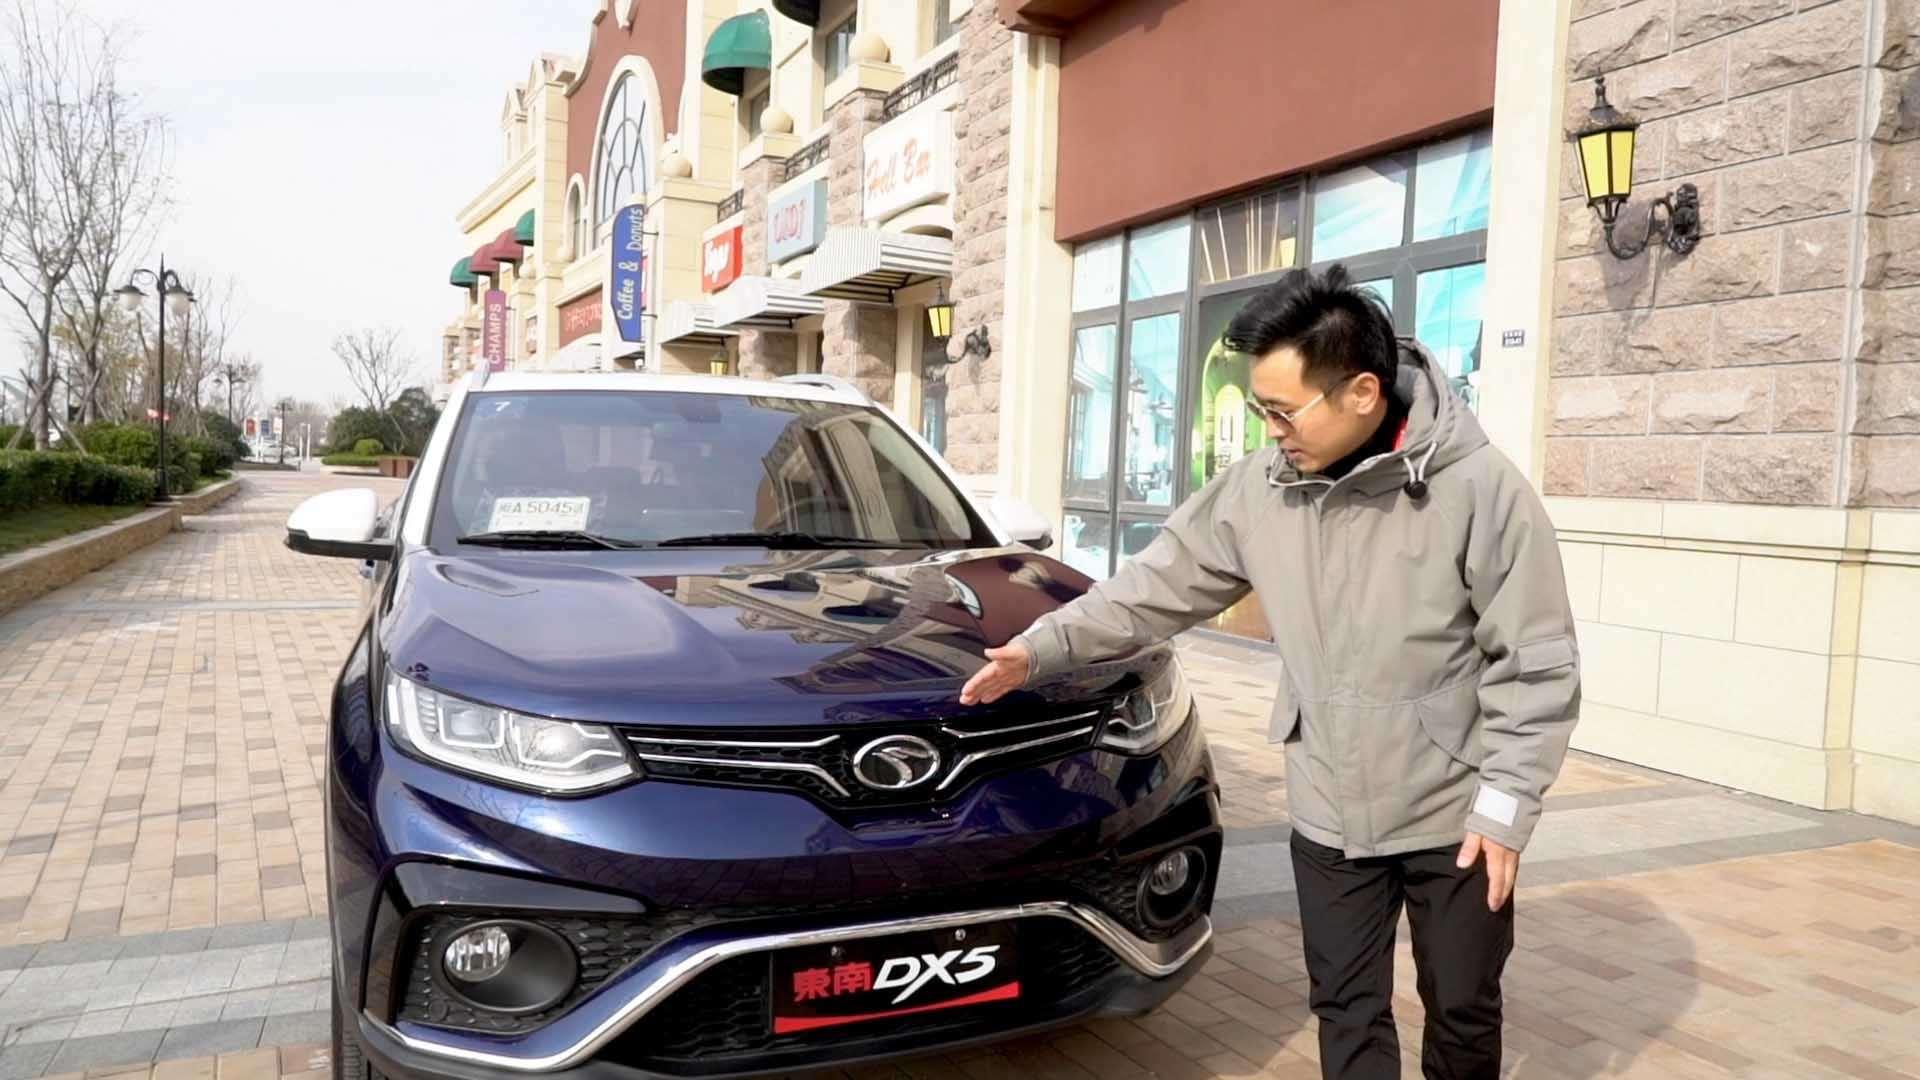 东南DX5深度试驾,6.99万起售的SUV有哪些亮点?拉出来溜溜就知道